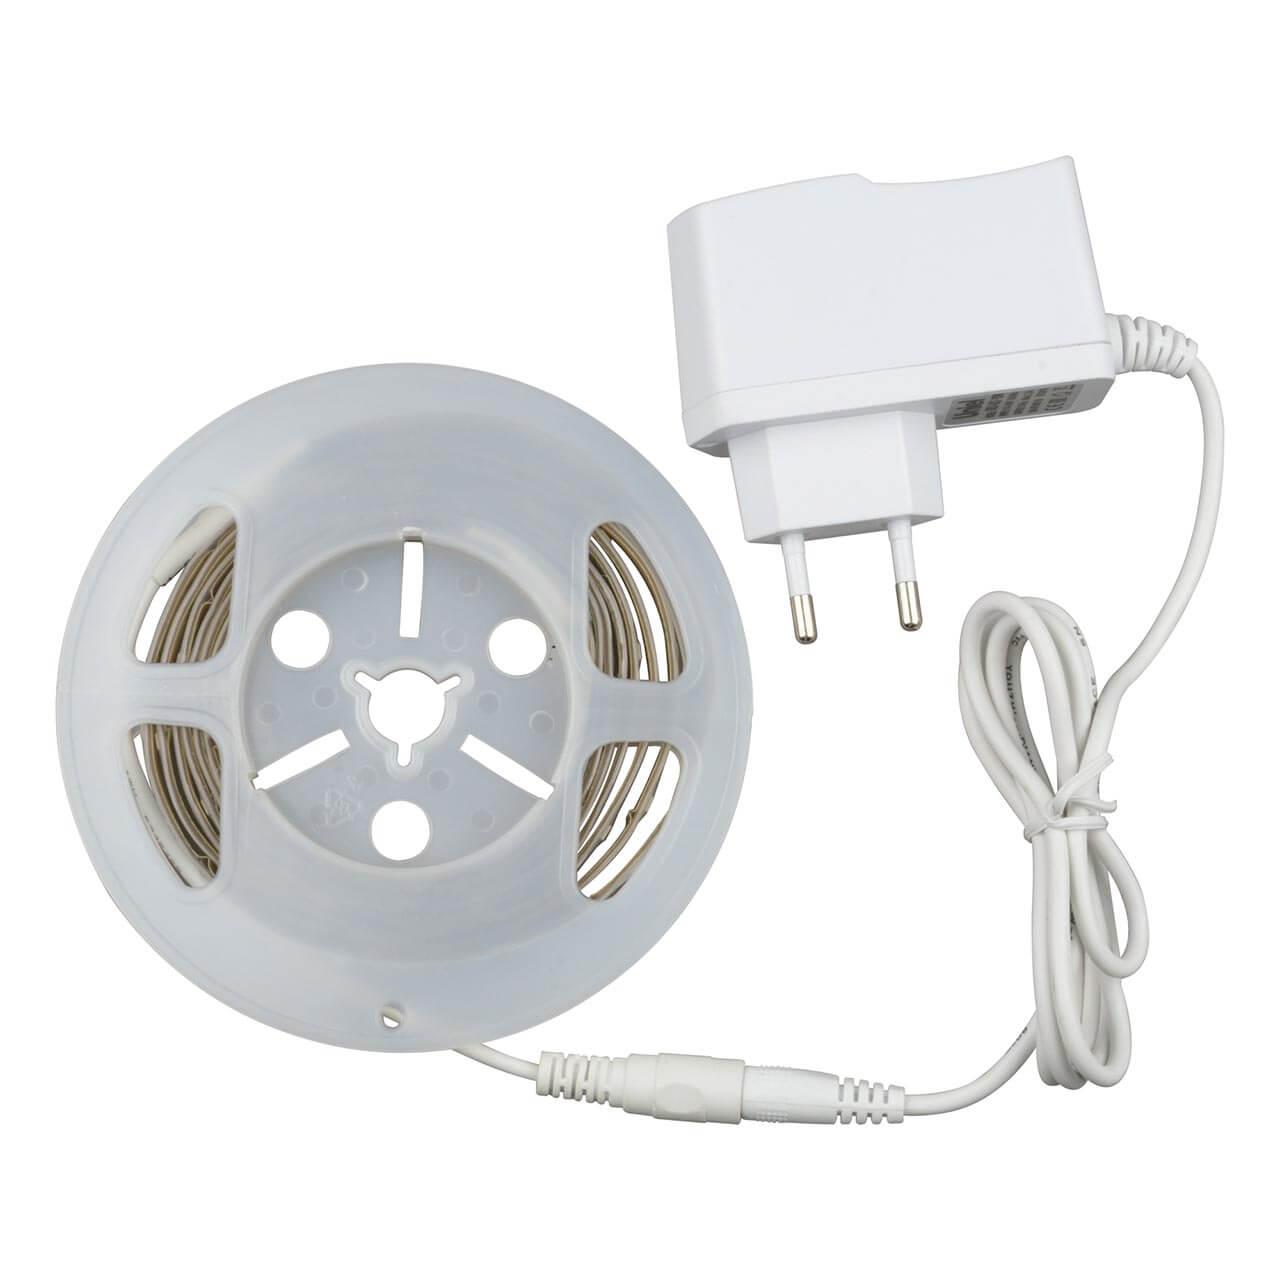 Светодиодная влагозащищенная лента (UL-00004101) Uniel 7,5W/m 42LED/m 2835SMD фиолетовый 2M ULS-P76-2835-42LED/m-IP65-2M-SPSB RRP18C00 цена и фото